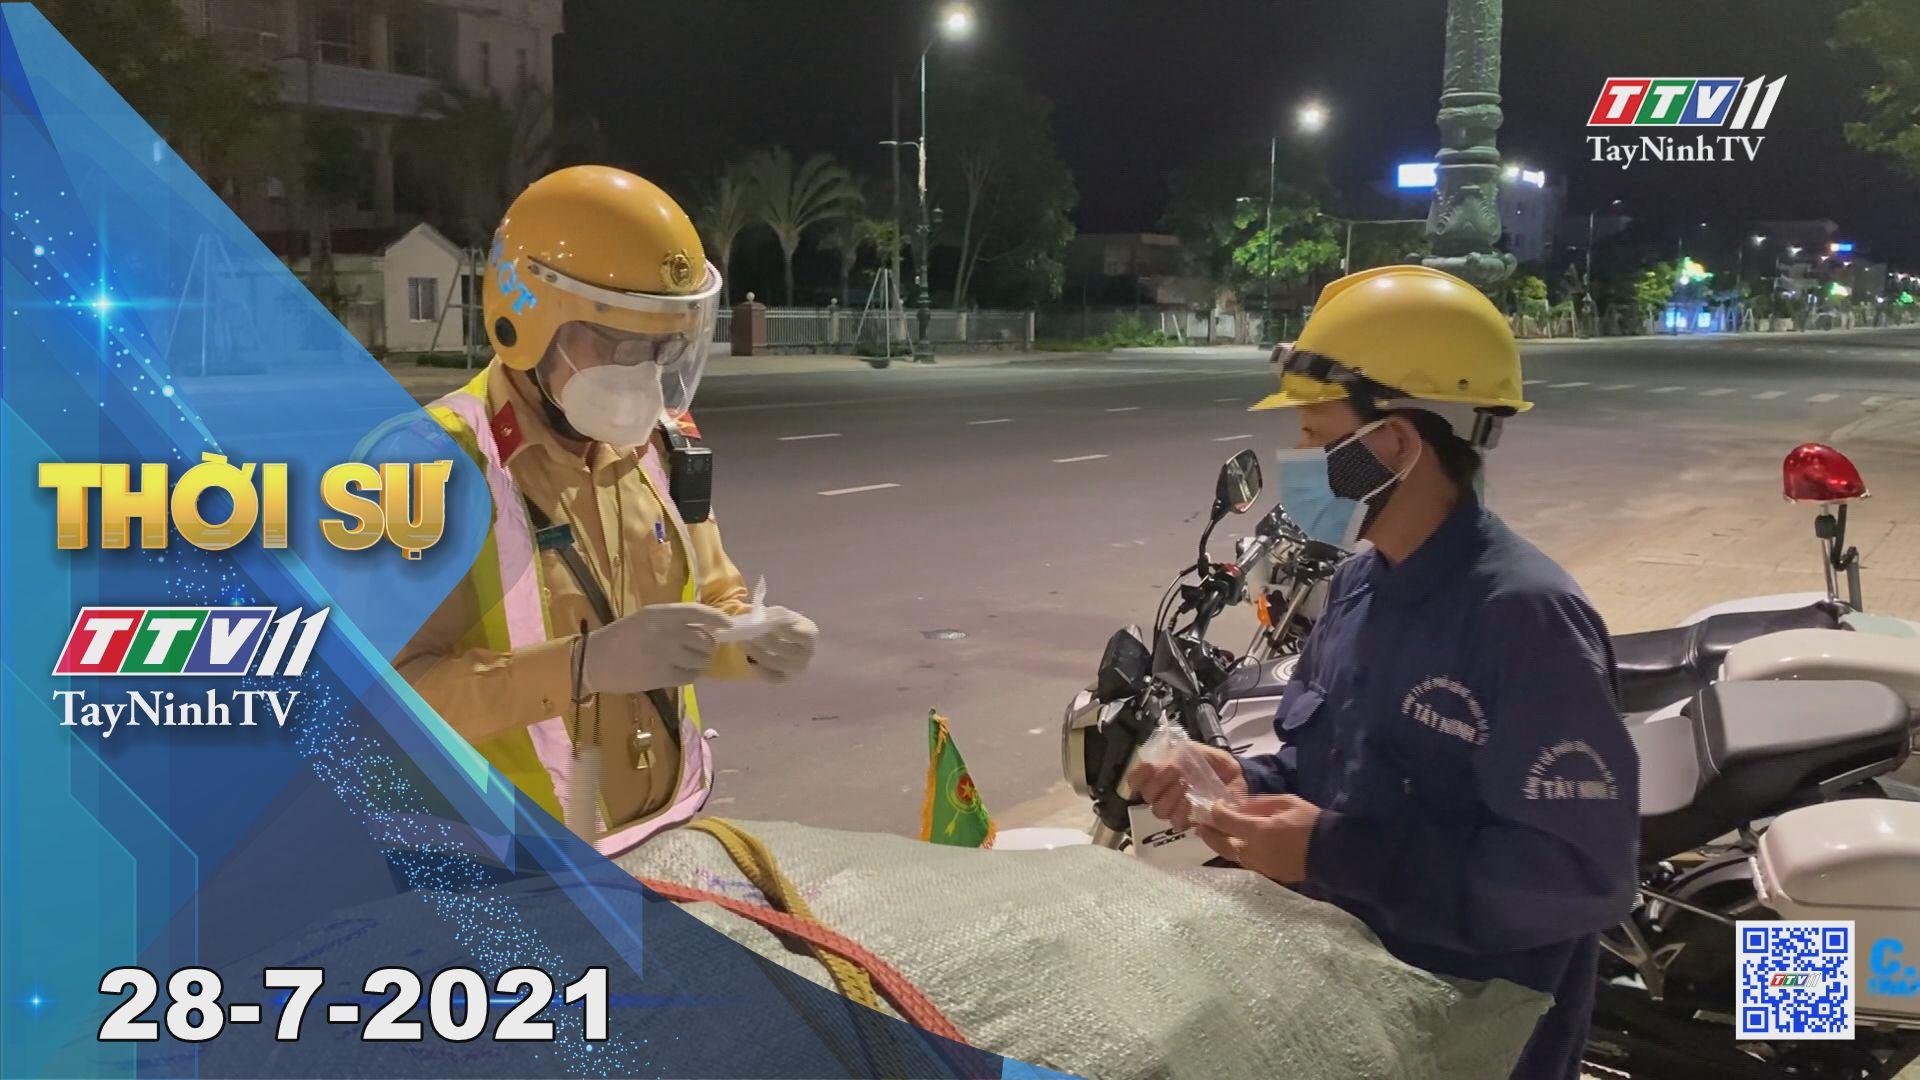 Thời sự Tây Ninh 28-7-2021 | Tin tức hôm nay | TayNinhTV